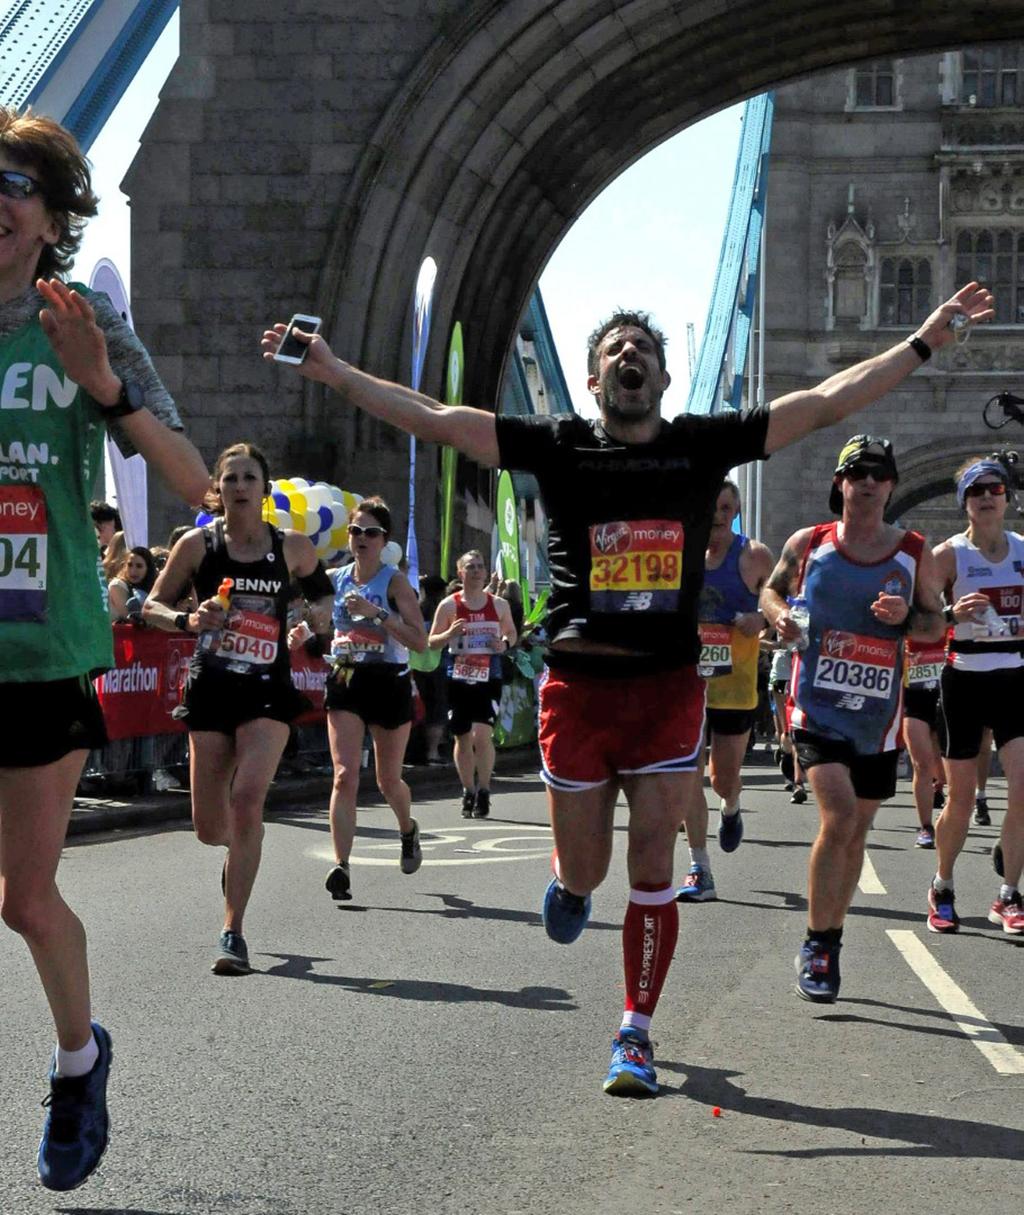 maratón de Londres maratón de londres - london marathon maraton de londres 2019 04 - Correr el Maratón de Londres: análisis, recorrido y recomendaciones de viaje.